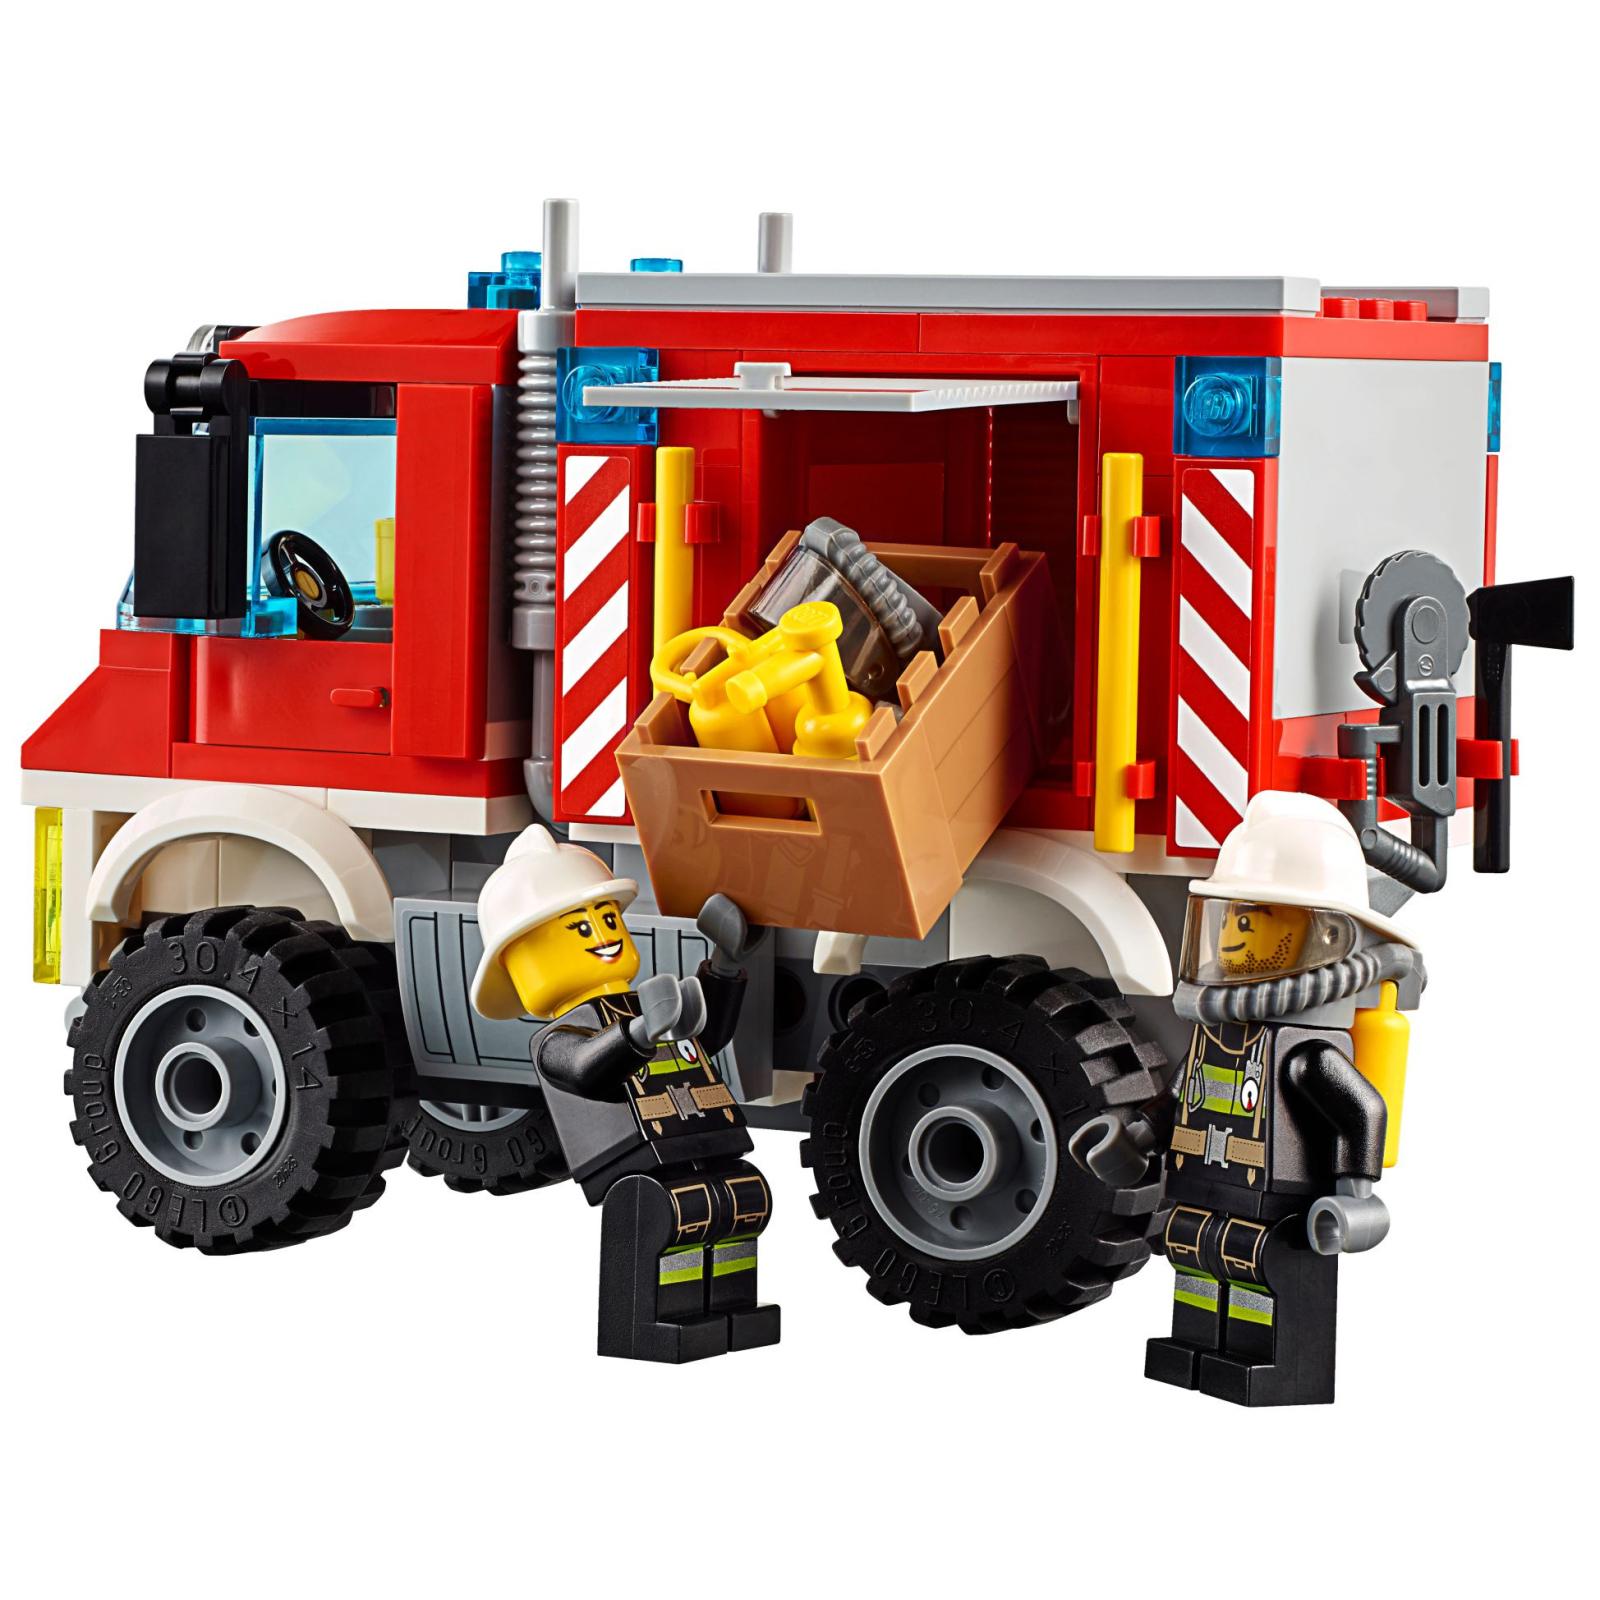 Конструктор LEGO City Fire Пожарный грузовик (60111) изображение 4